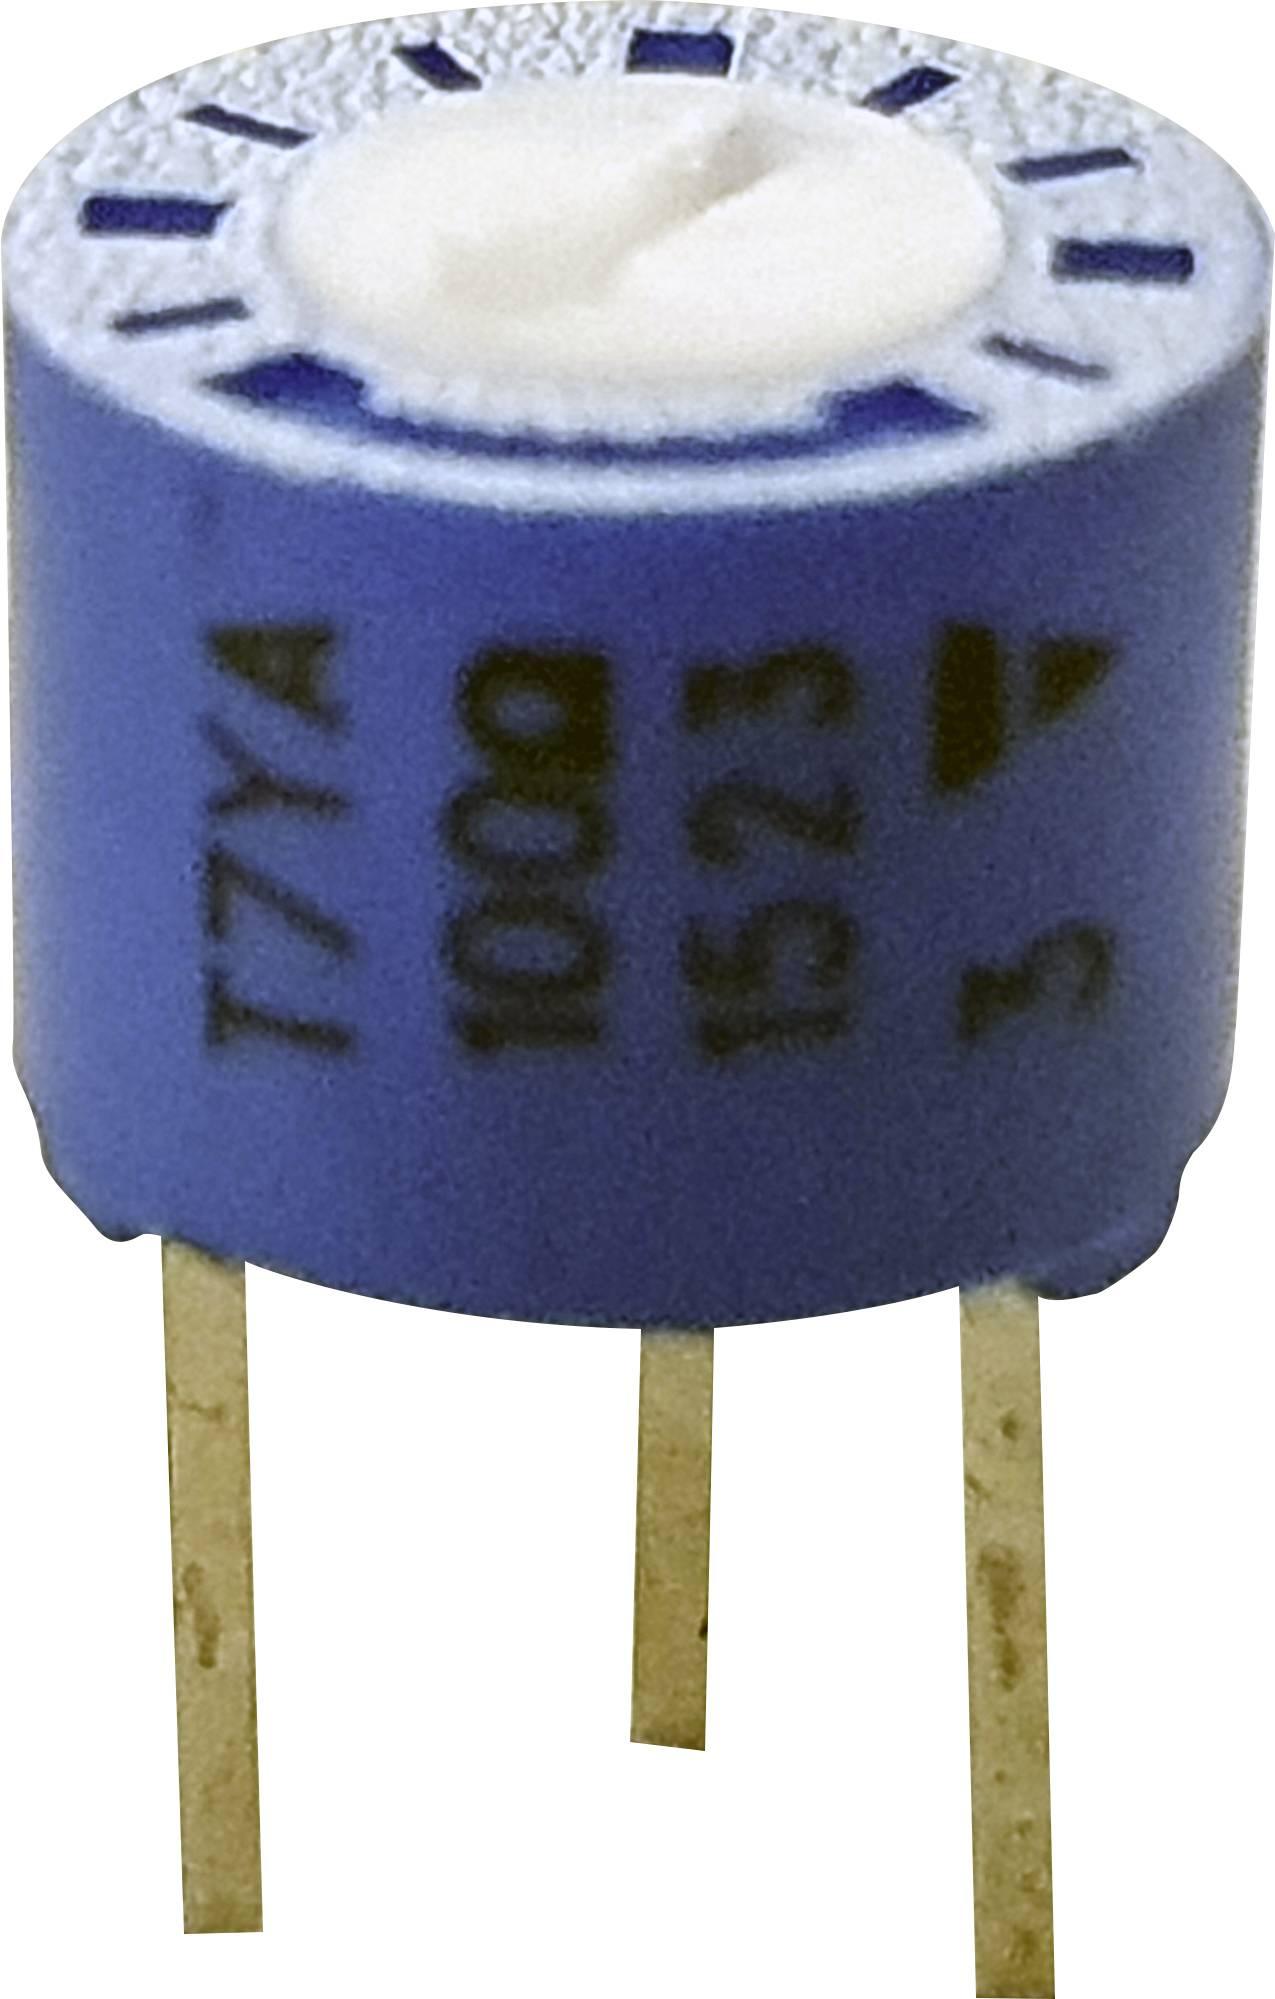 Precizní trimr Vishay 75 P 20K, lineární, 20 kOhm, 0.5 W, 1 ks